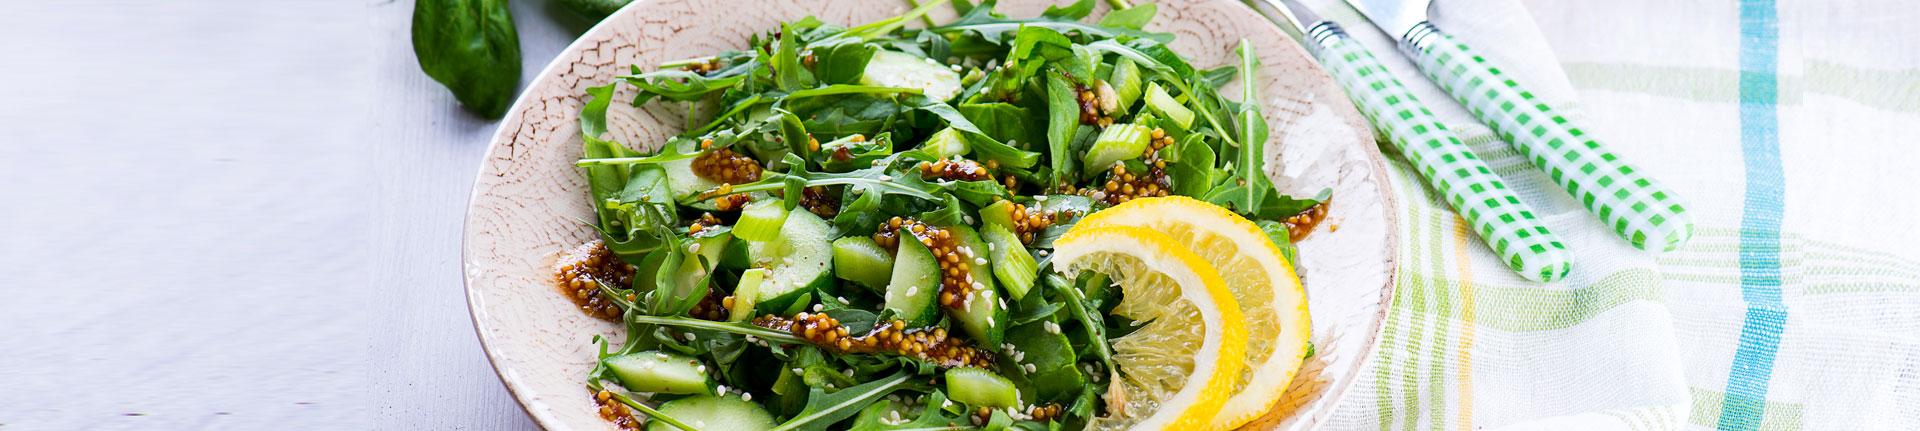 Salada de quinoa com molho de limão, pimenta jalapeño e mel